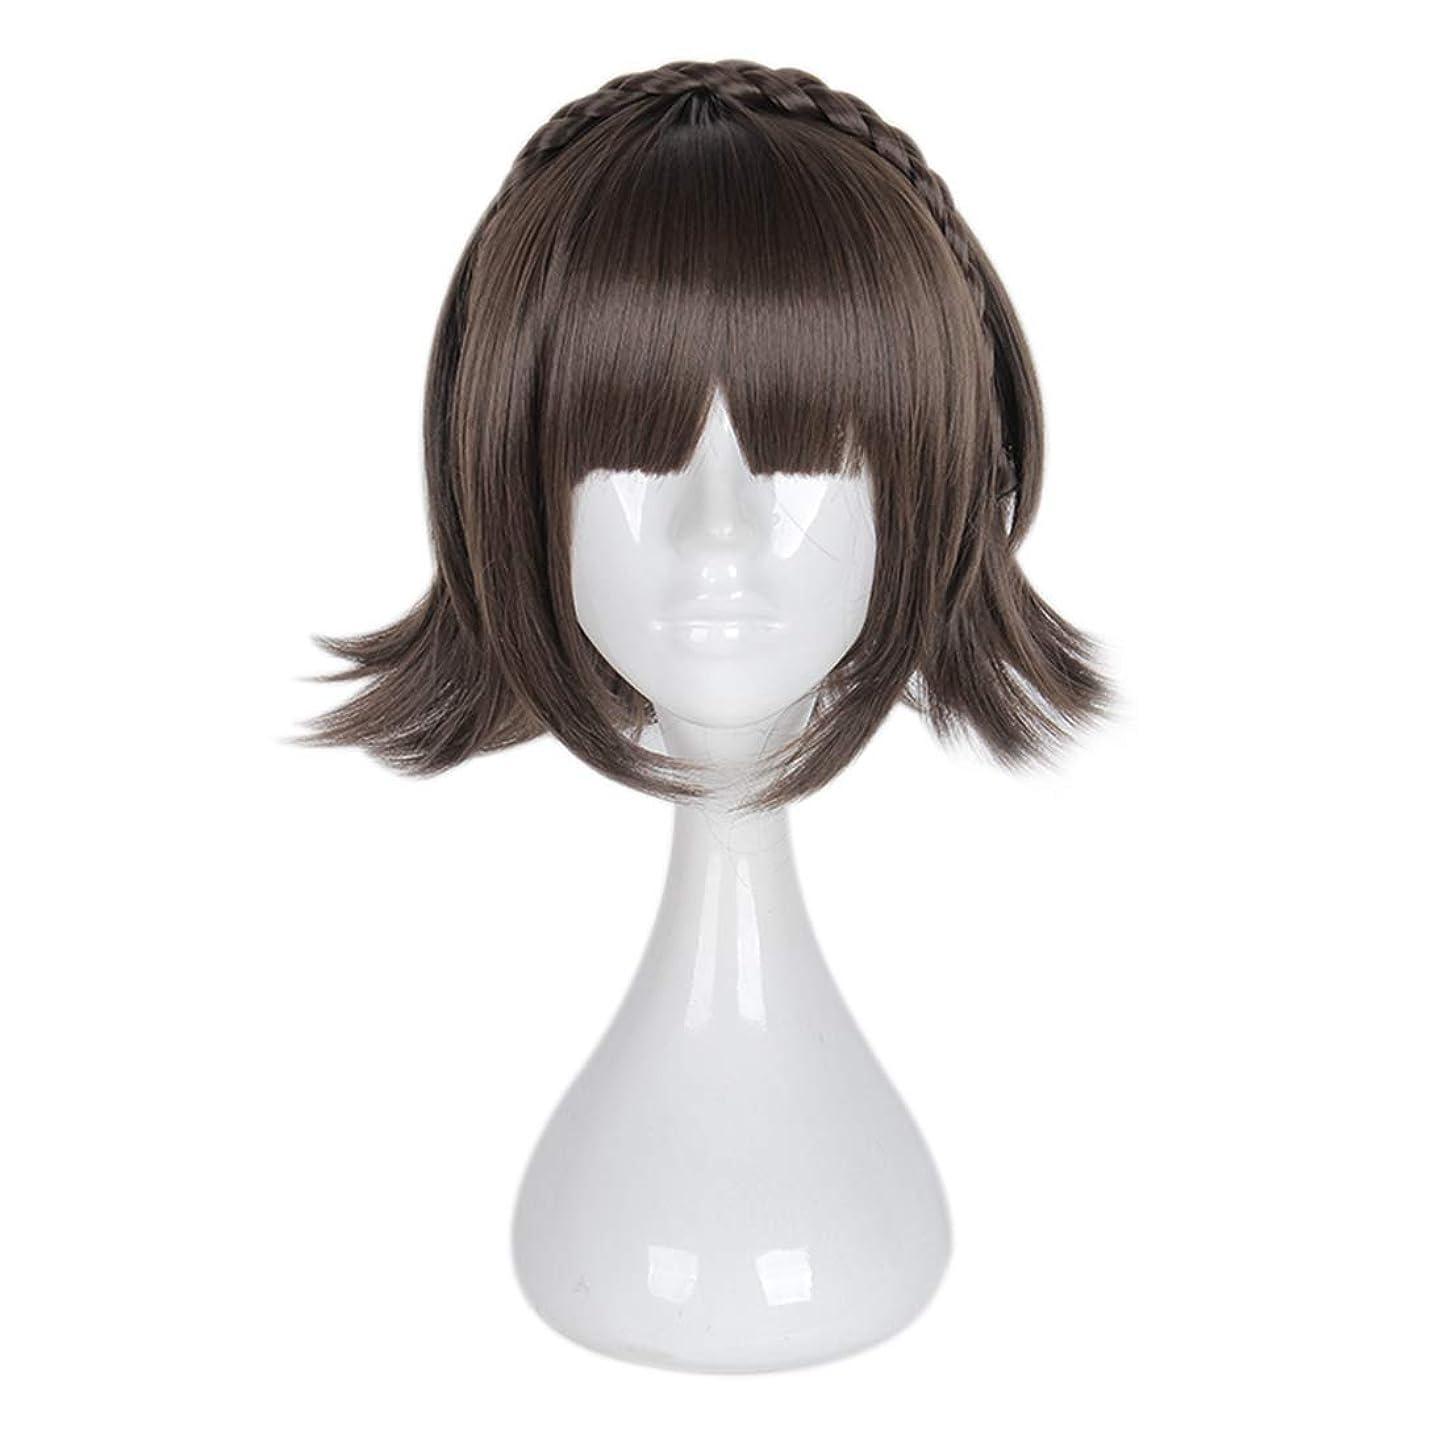 傷つきやすい鮮やかな燃料Koloeplf 少女チー劉ハイファツイストショートヘアコスプレウィッグスーパーかわいいアンチワーピングヘア (Color : ブラウン)